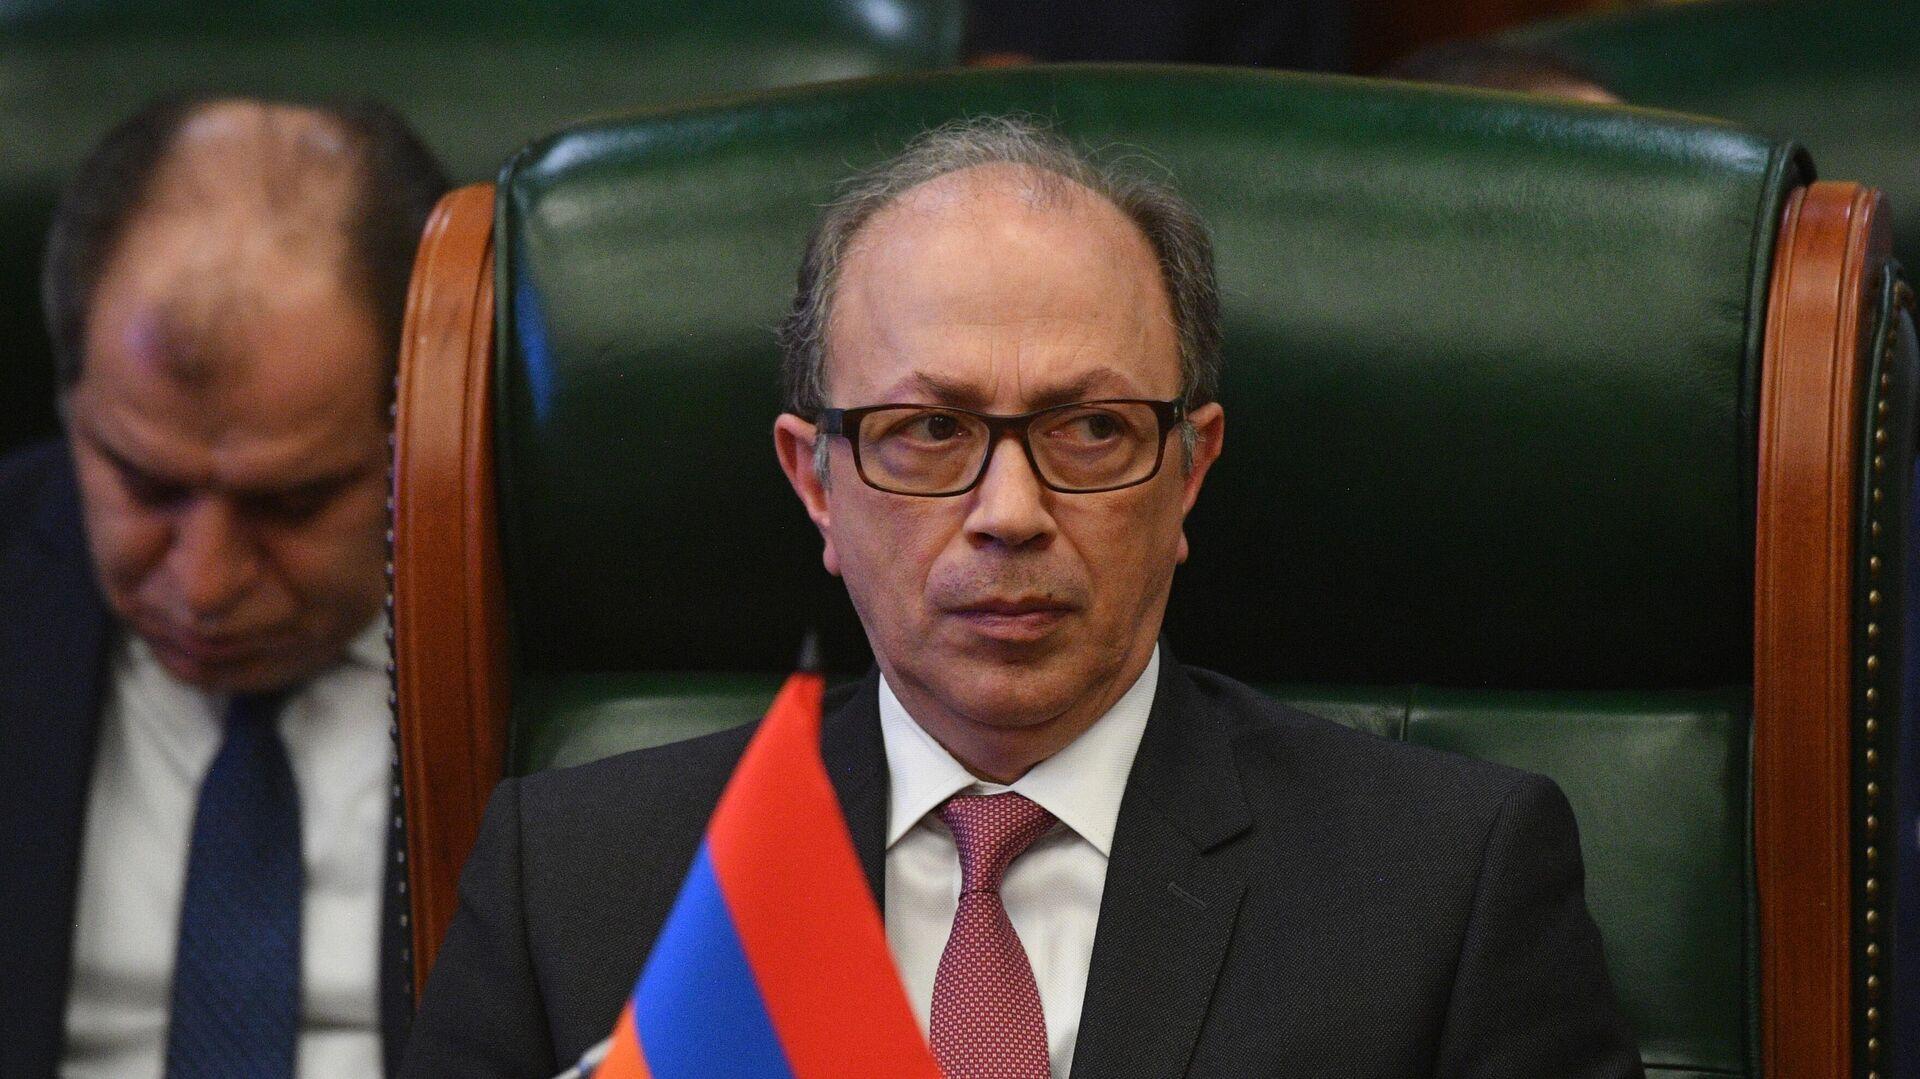 Министр иностранных дел Армении Ара Айвазян принимает участие в заседании Совета министров иностранных дел стран СНГ - РИА Новости, 1920, 06.05.2021